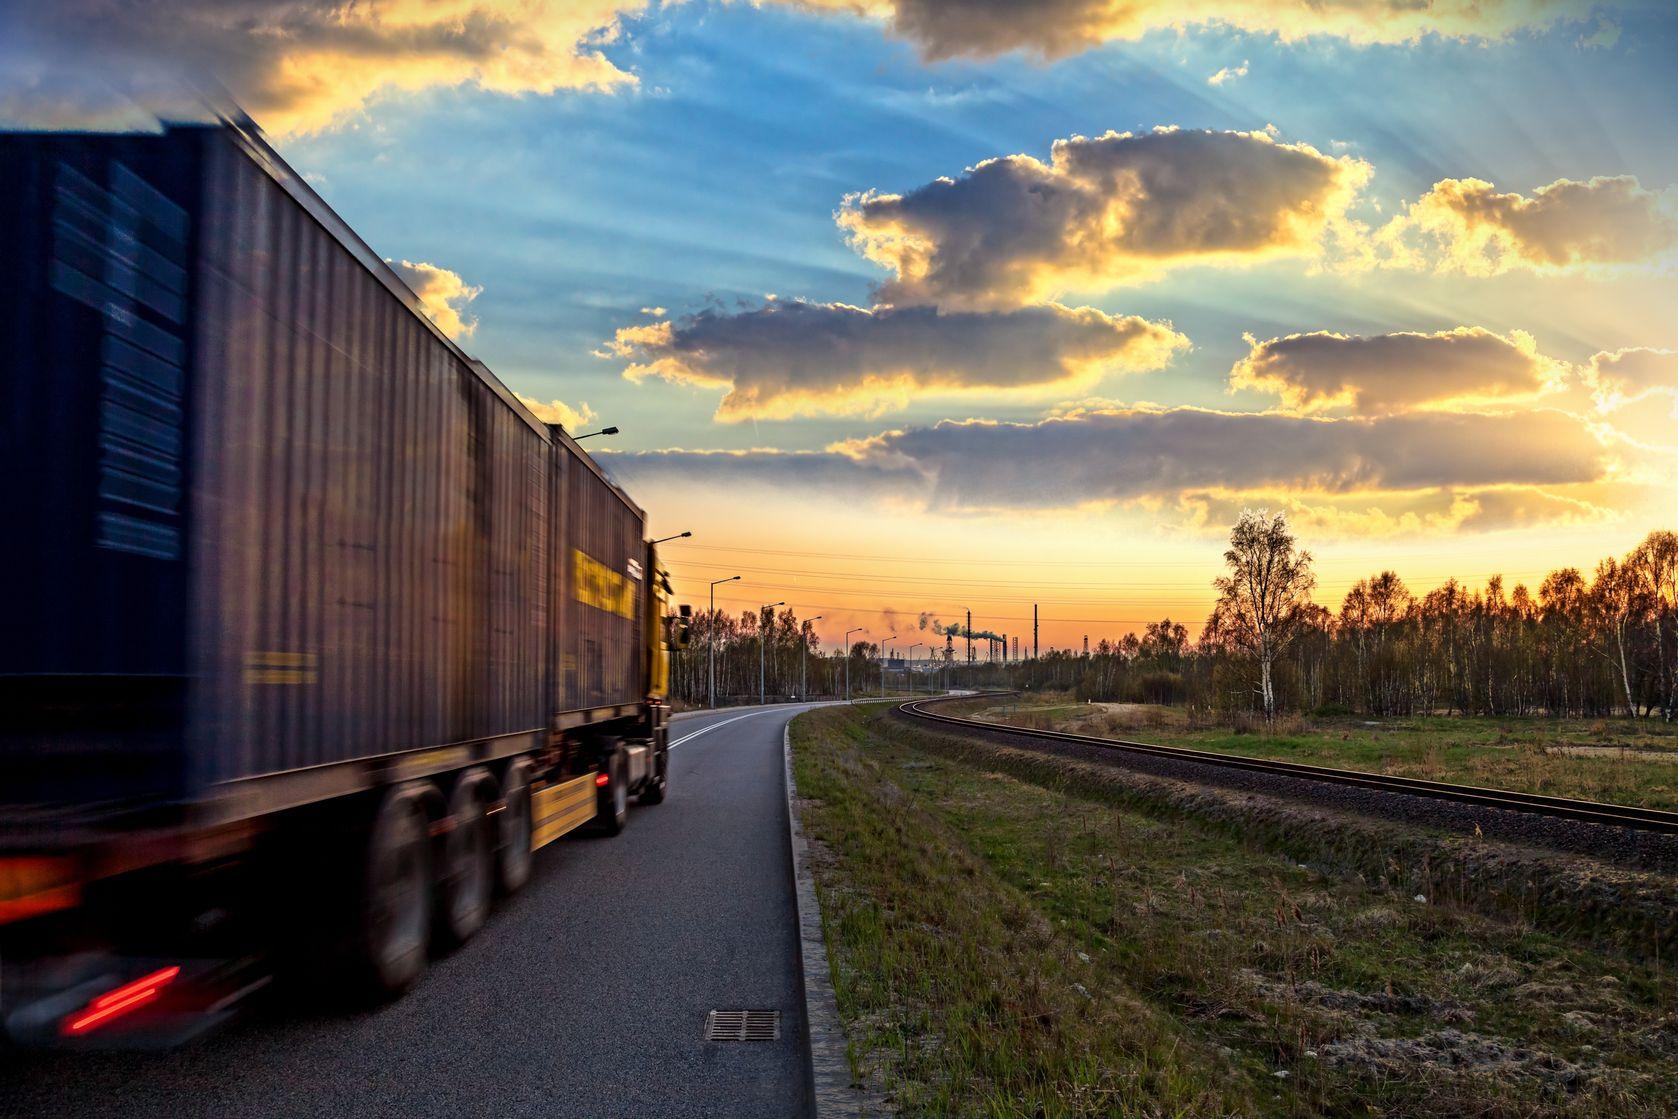 Sulla Rivista Logistica e Trasporti uno storytelling della storia di Viasat Group